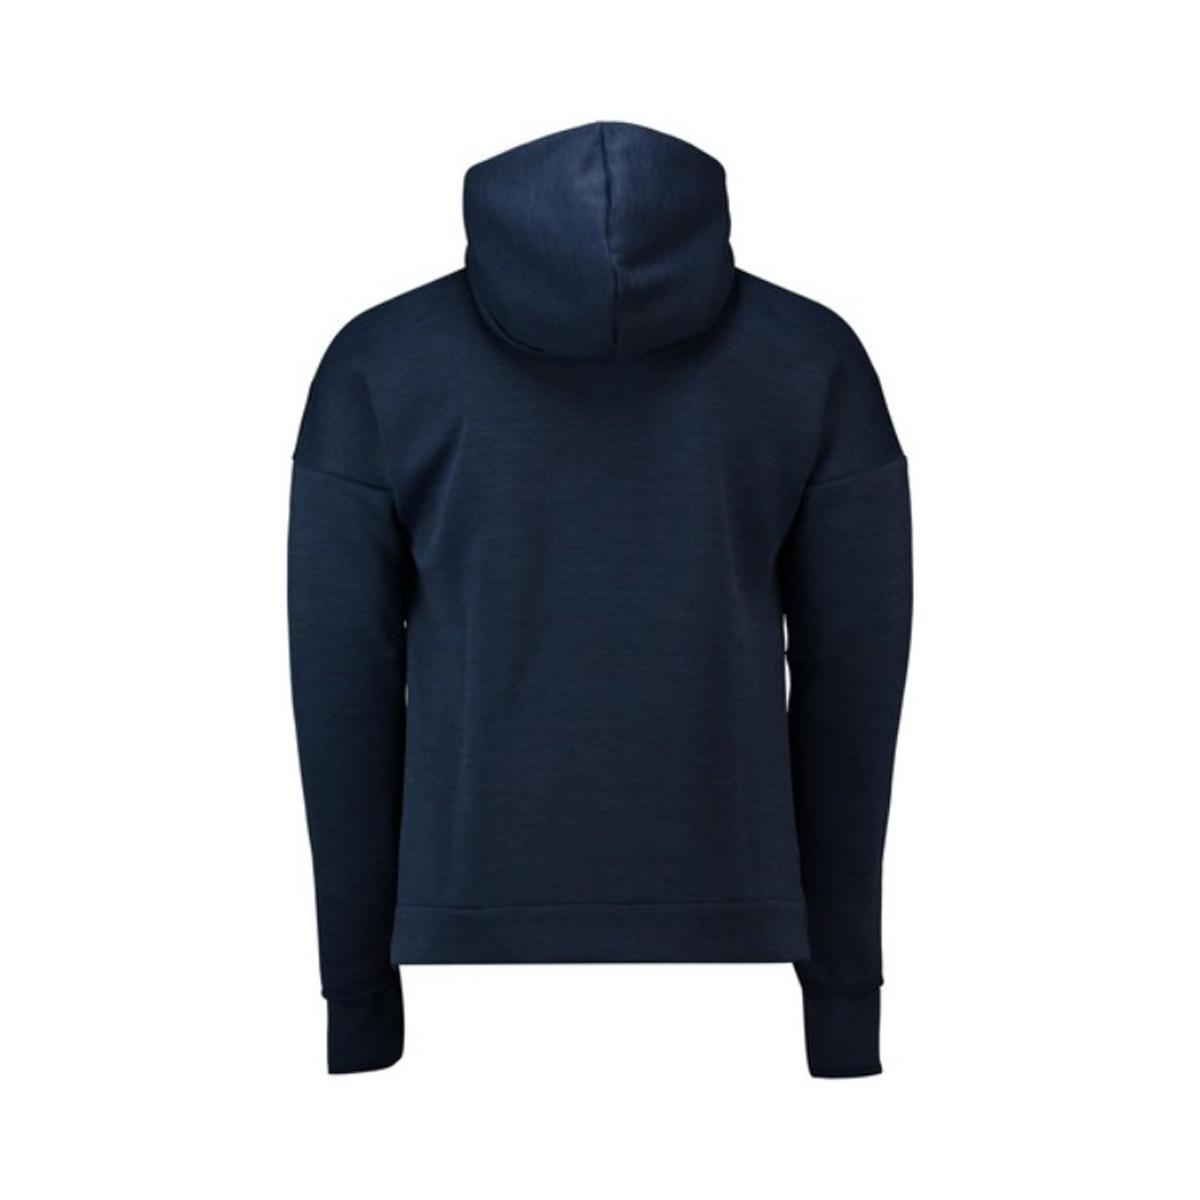 87a749b5126a9 Adidas 2018-2019 Man Utd Zne 3.0 Anthem Jacket Men's Tracksuit Jacket In  Blue for men